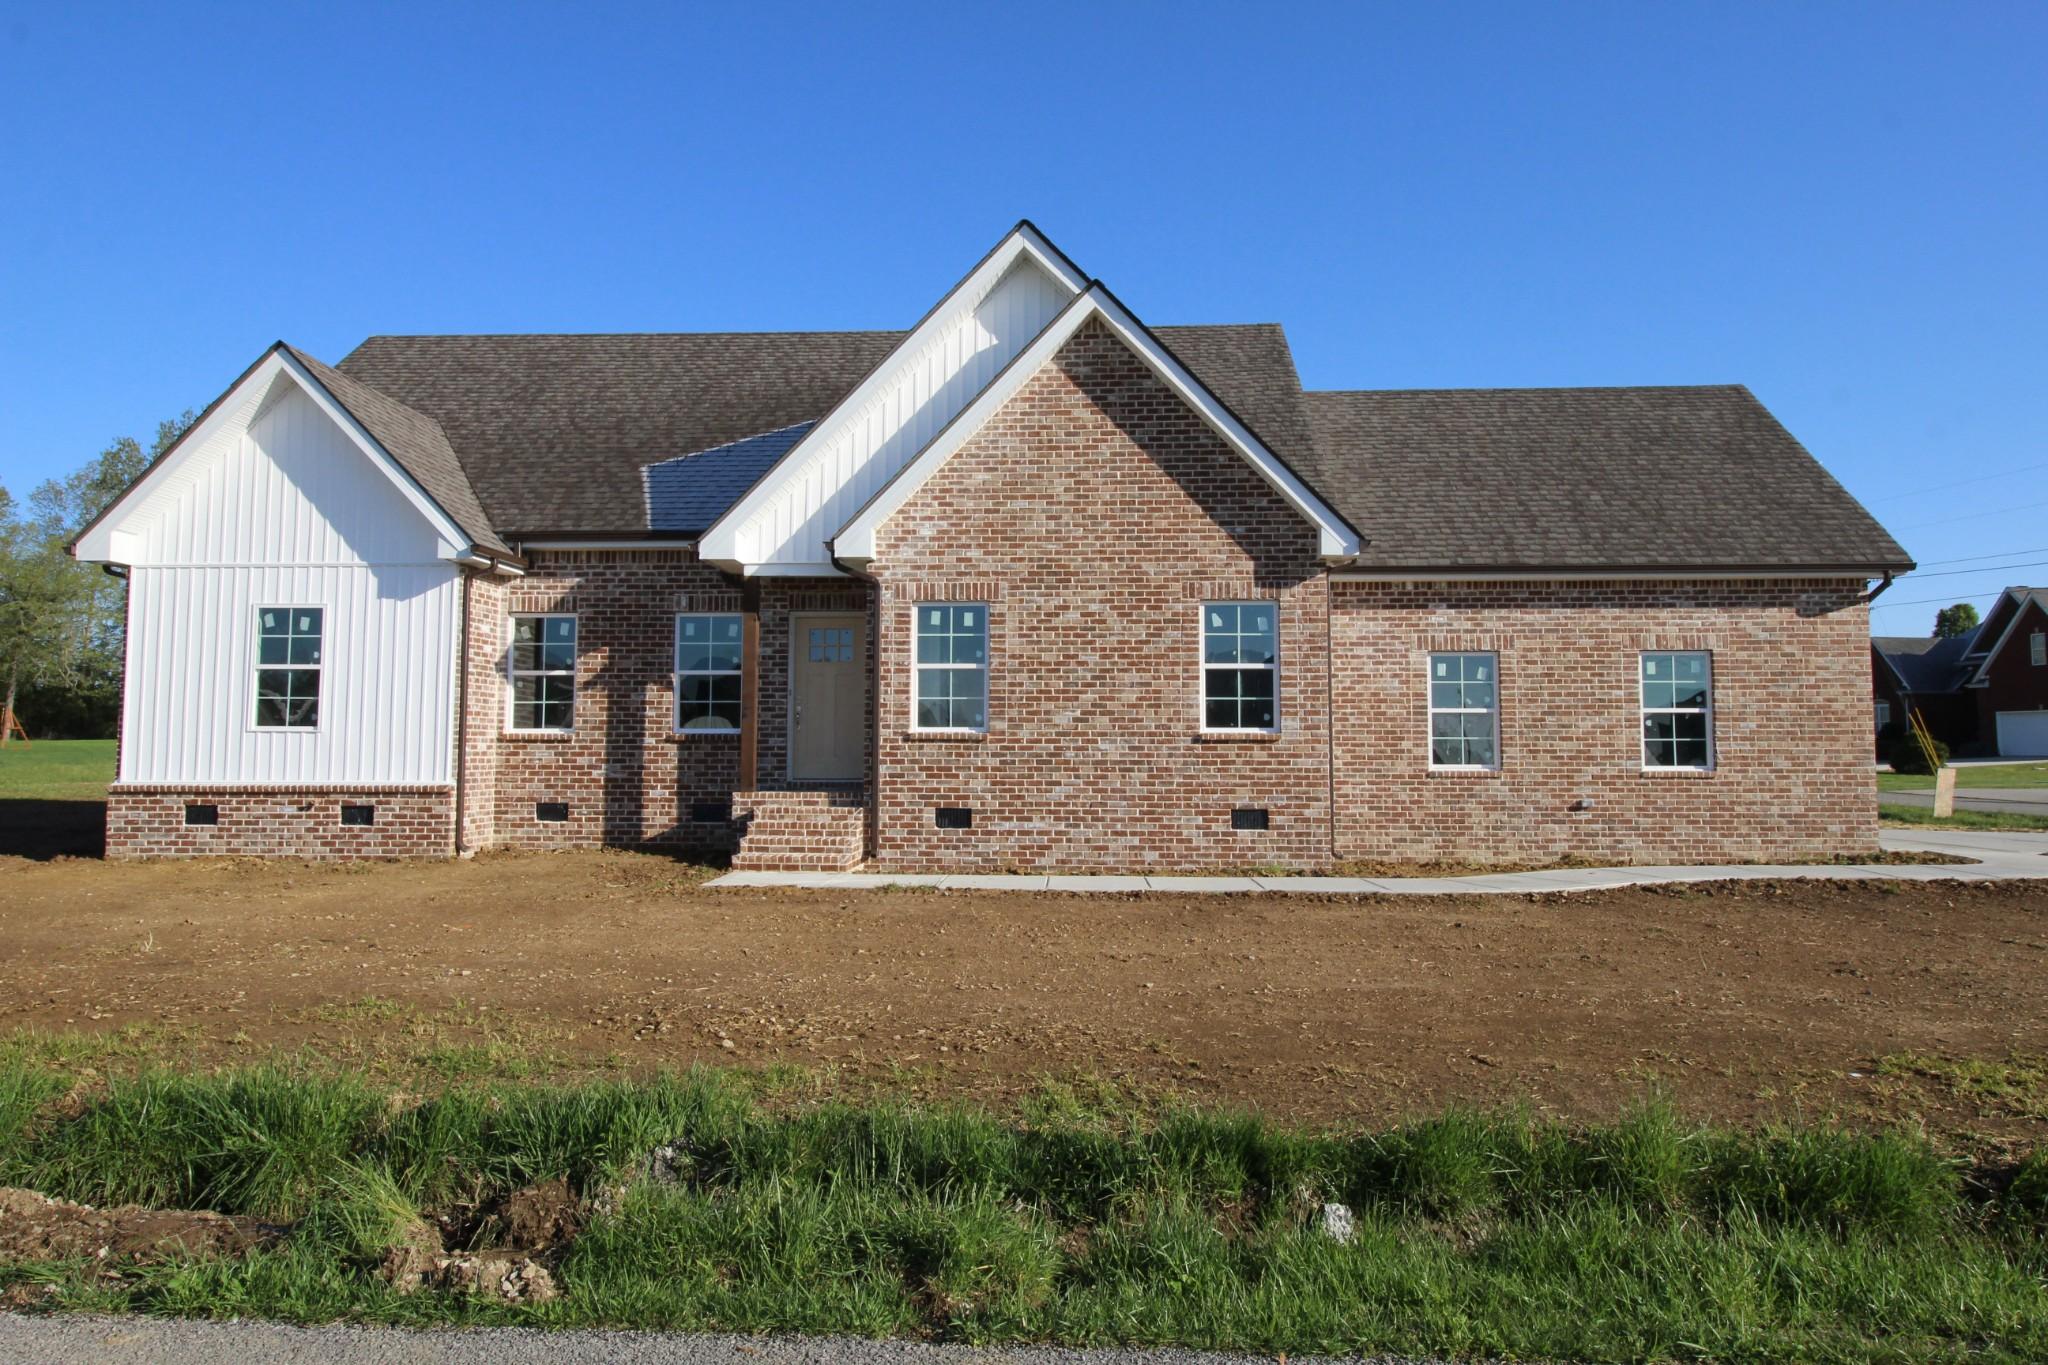 105 Fieldstone Dr, Smithville, TN 37166 - Smithville, TN real estate listing